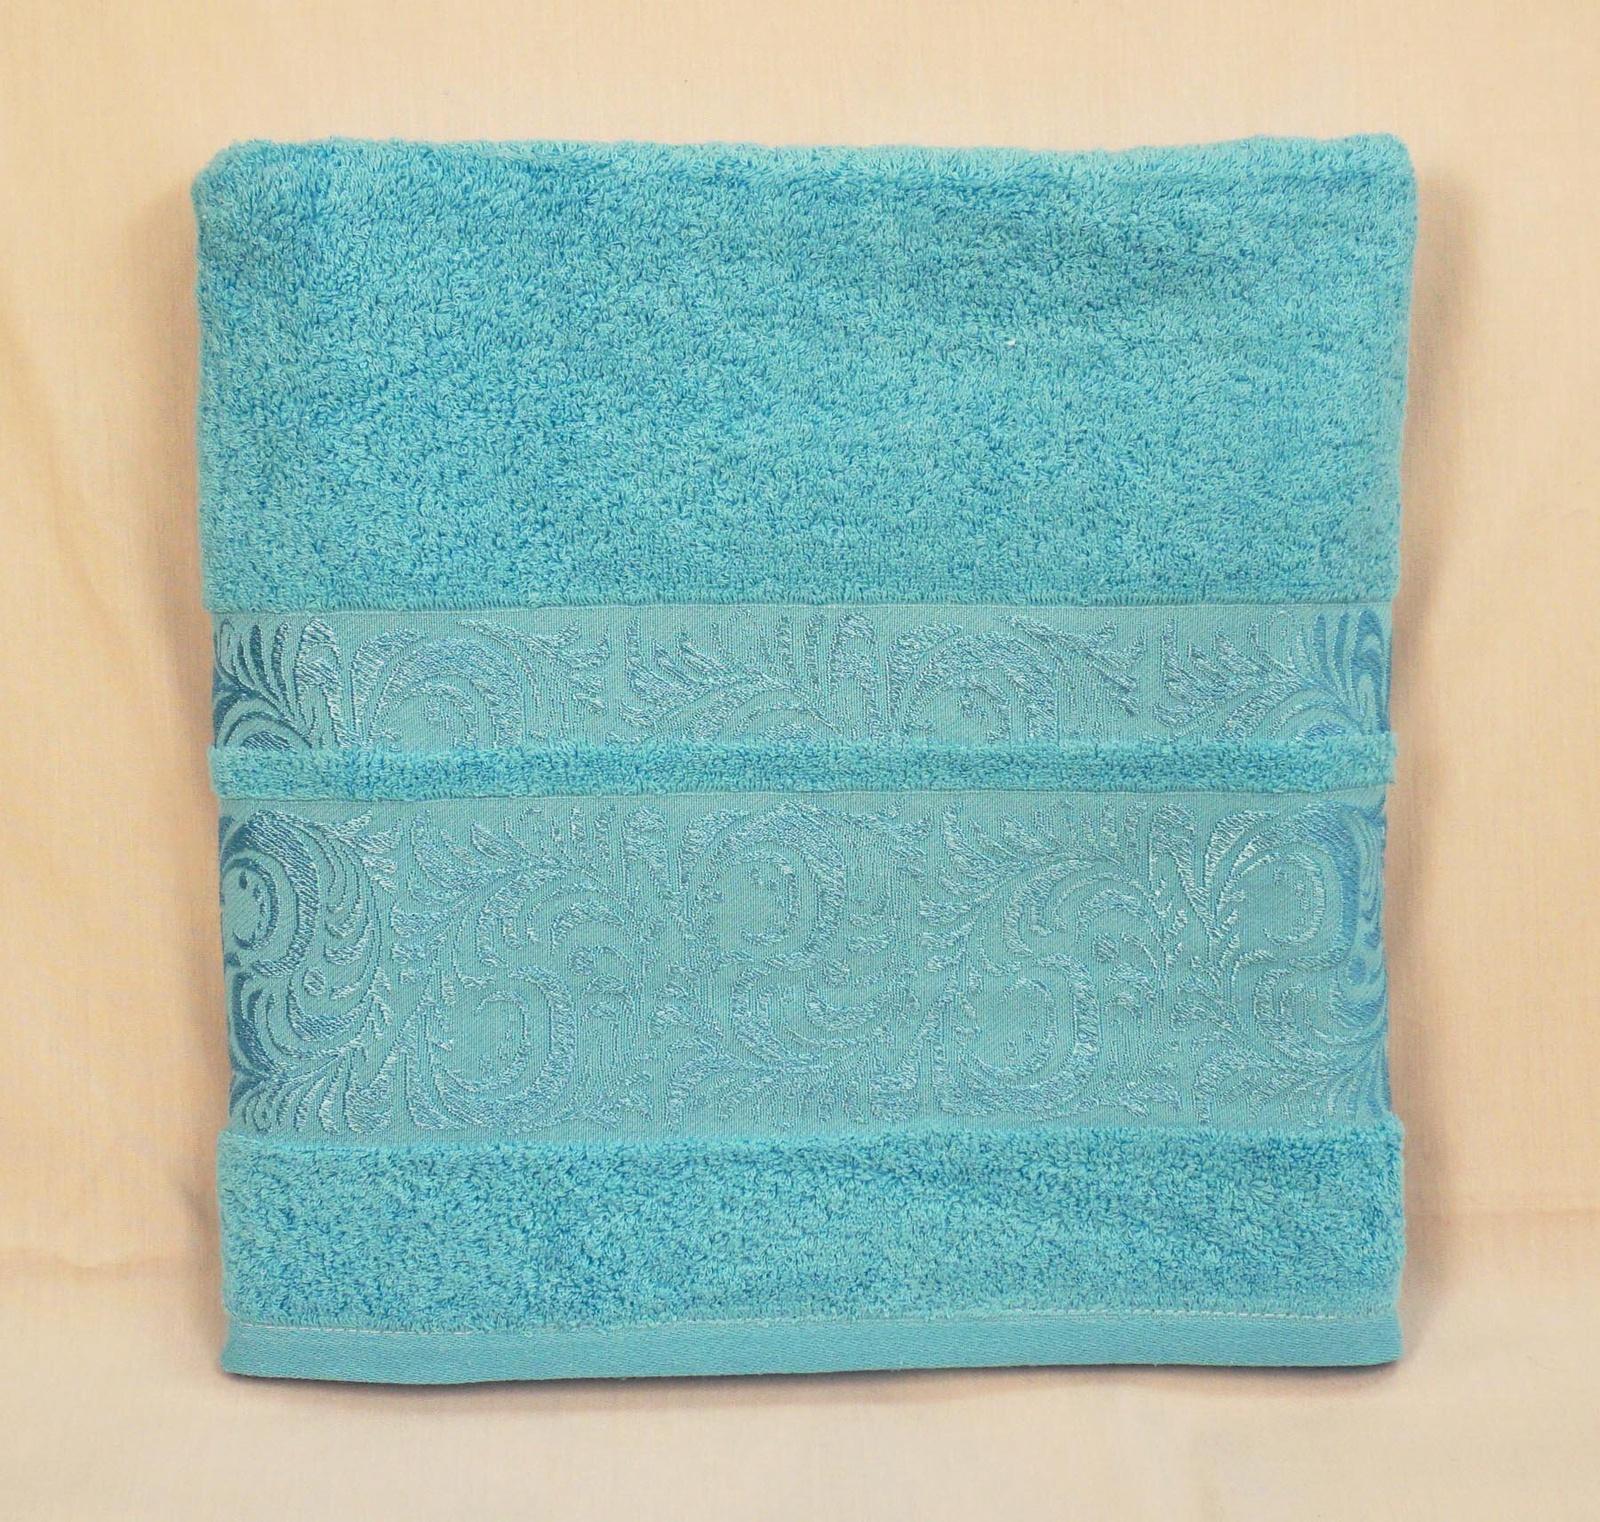 Полотенце банное Grand Stil Мидея, размер 68*135, GS-H33b, синий цена